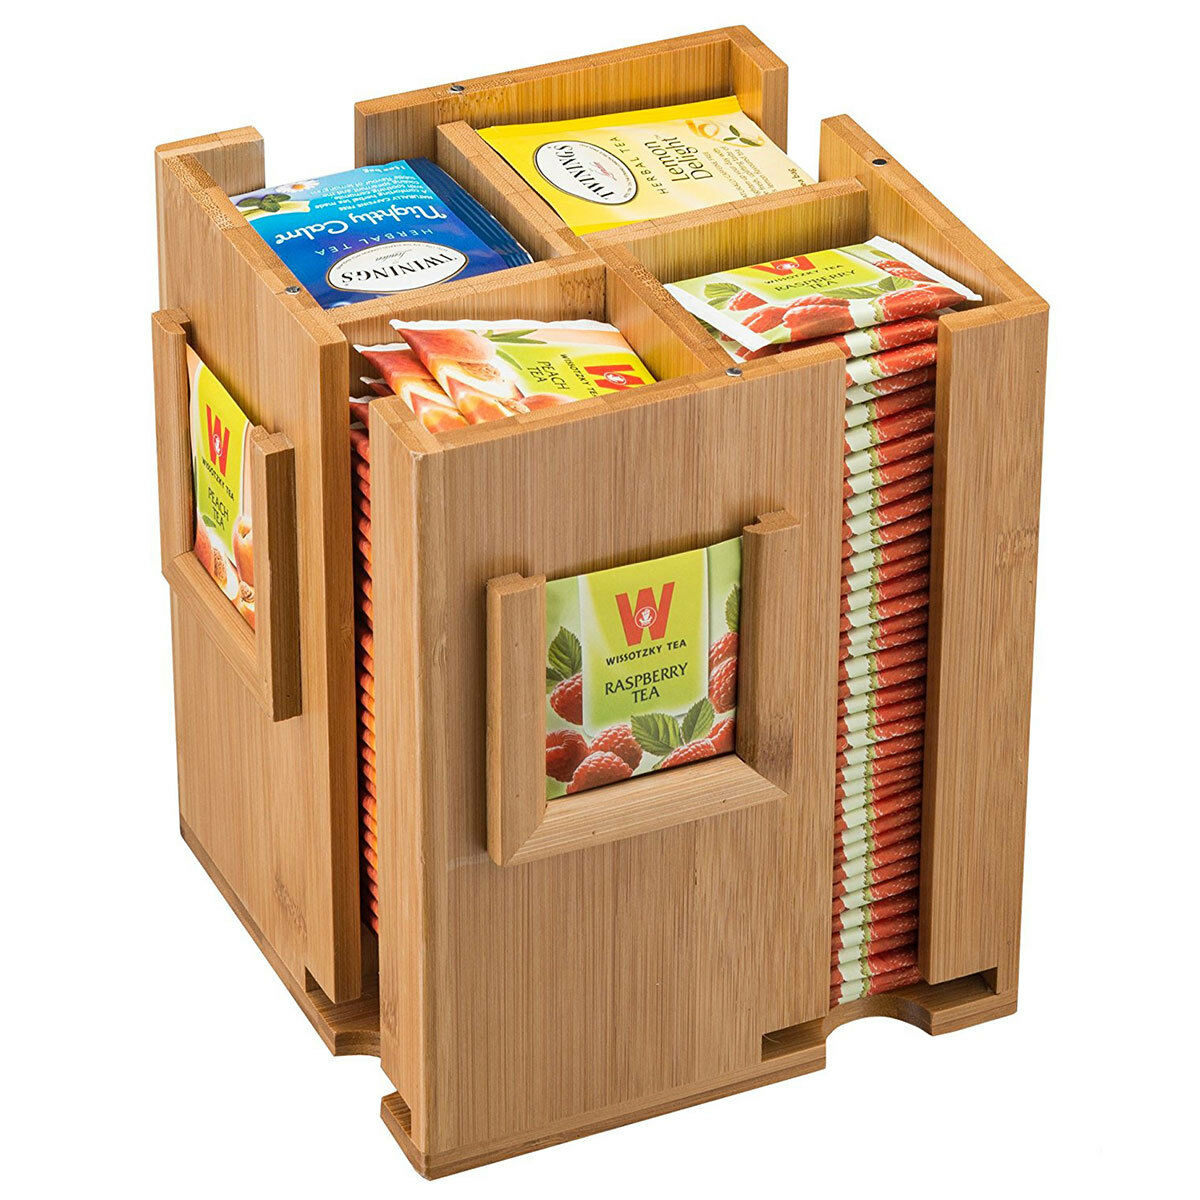 Tea Box Storage Sugar Bag Free CDR Vectors Art